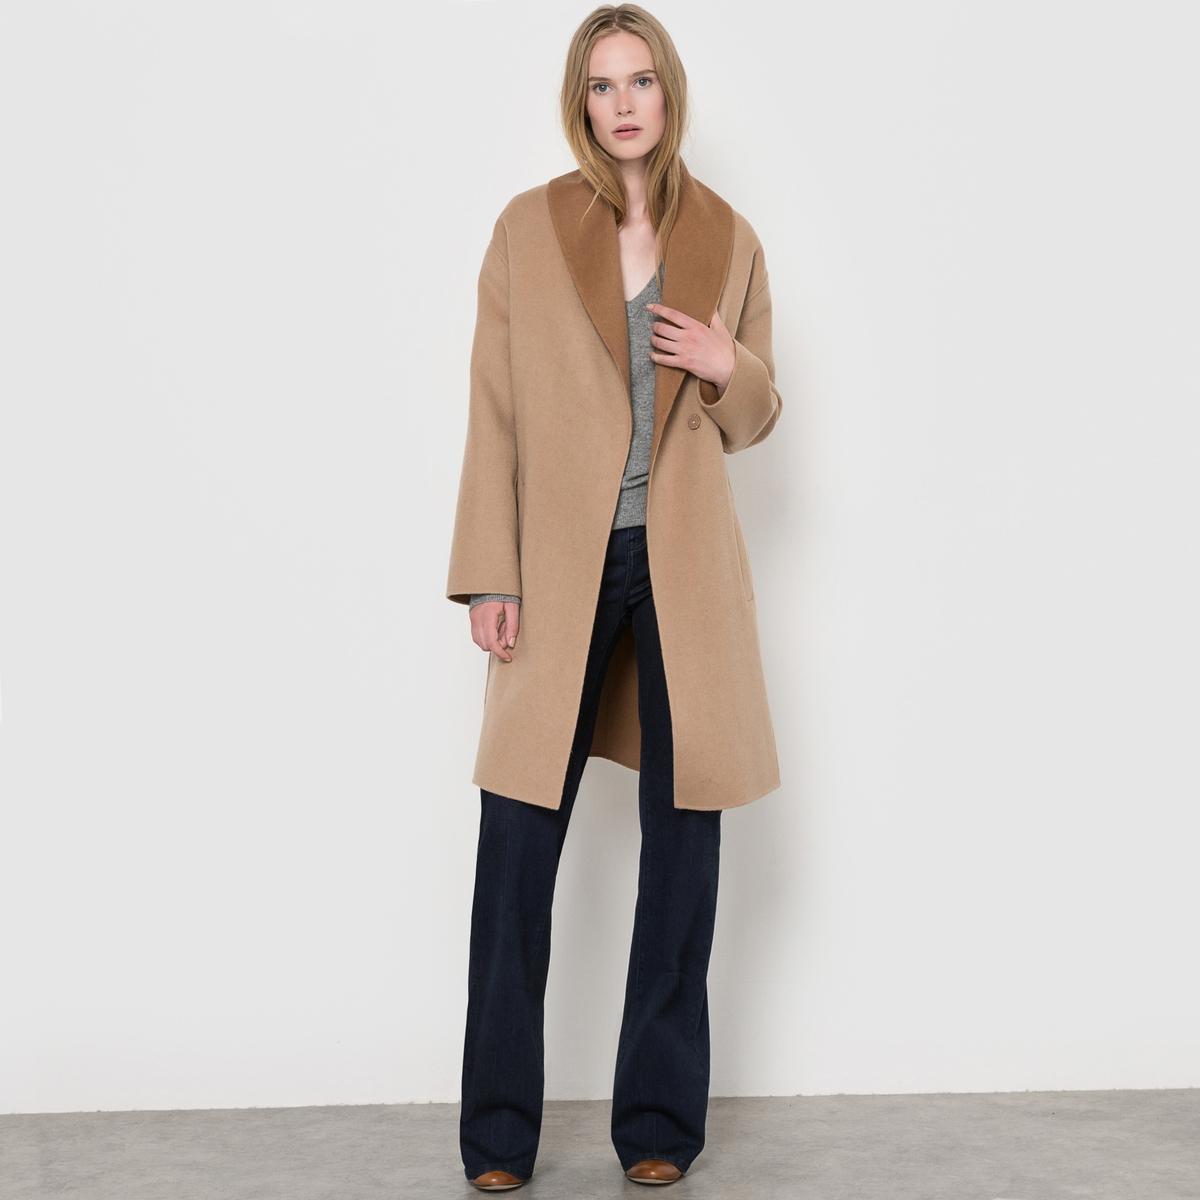 Пальто двухцветное с поясом, 70% шерсти пальто двухцветное с поясом 70% шерсти